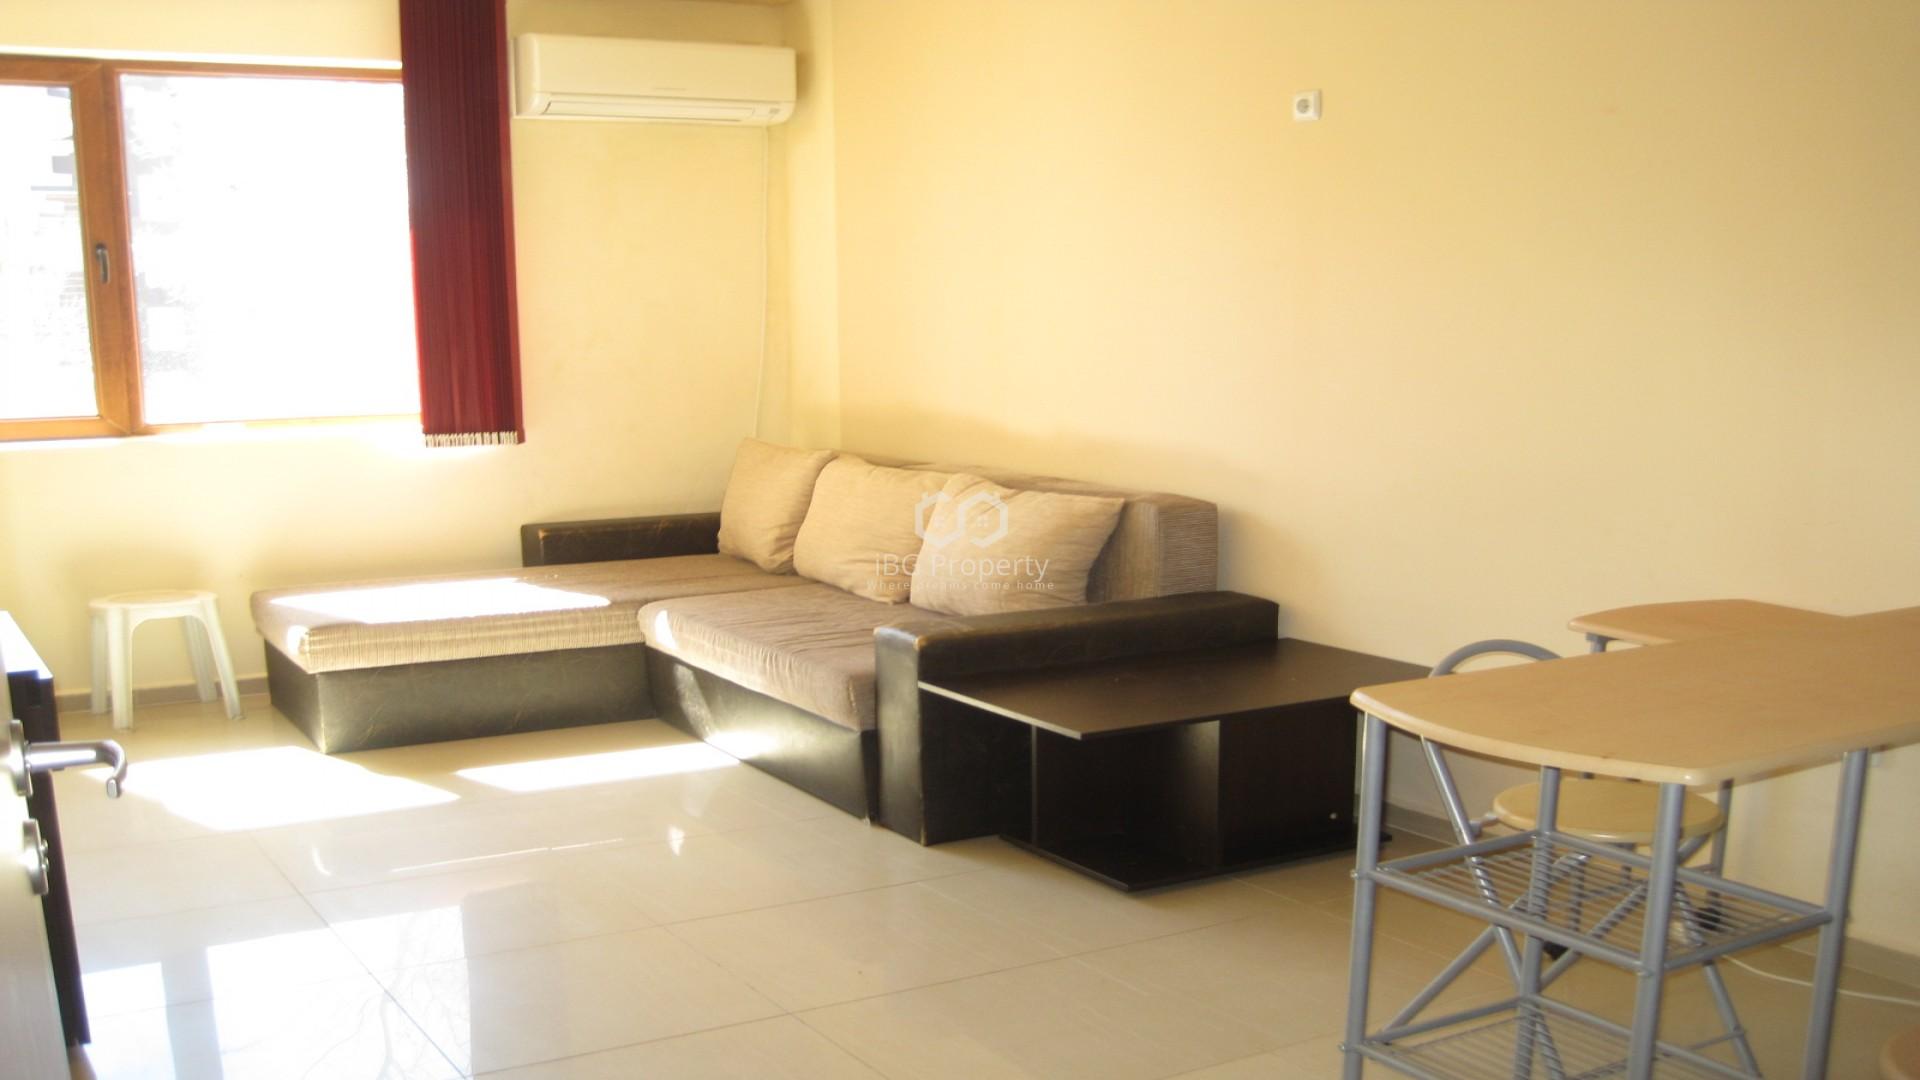 Zweizimmerwohnung in Sonnenstrand 70 m2